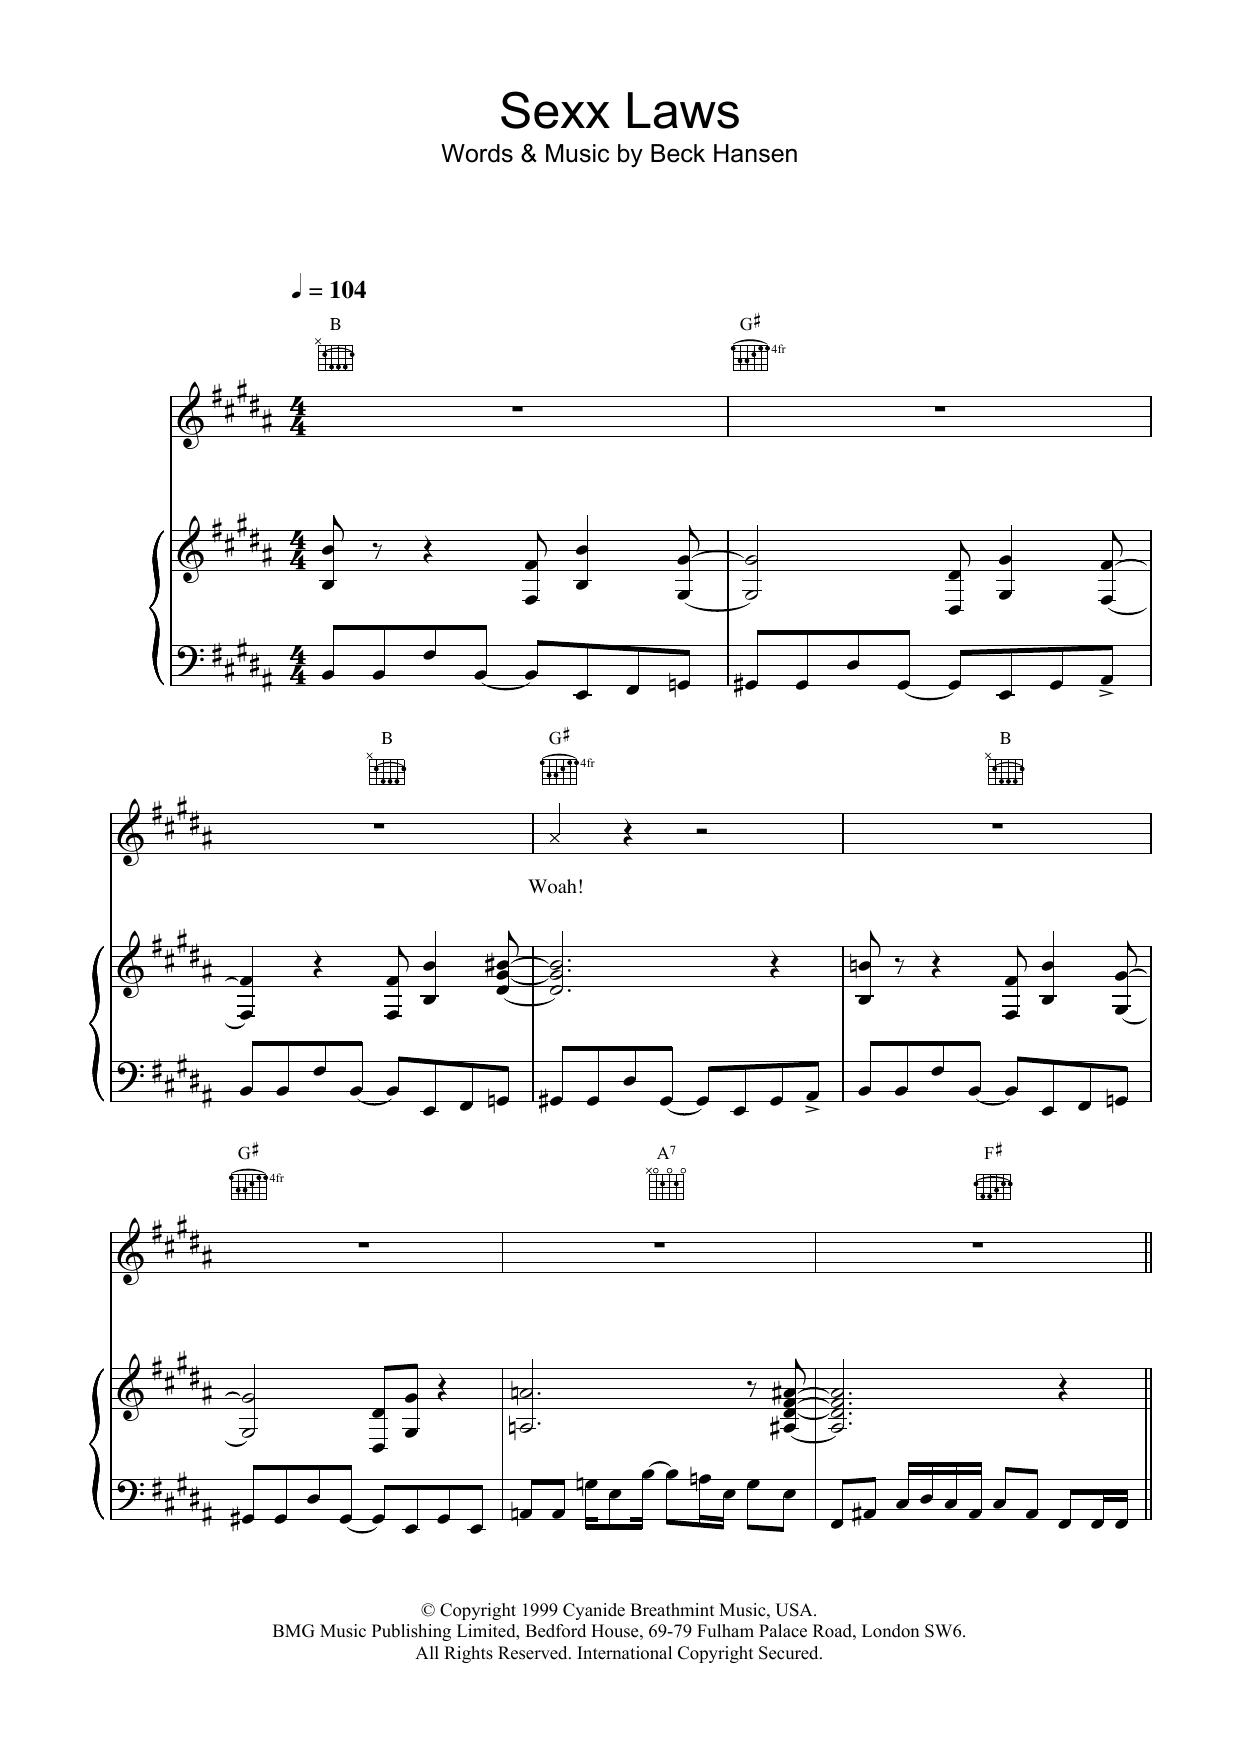 Sexx laws sheet music